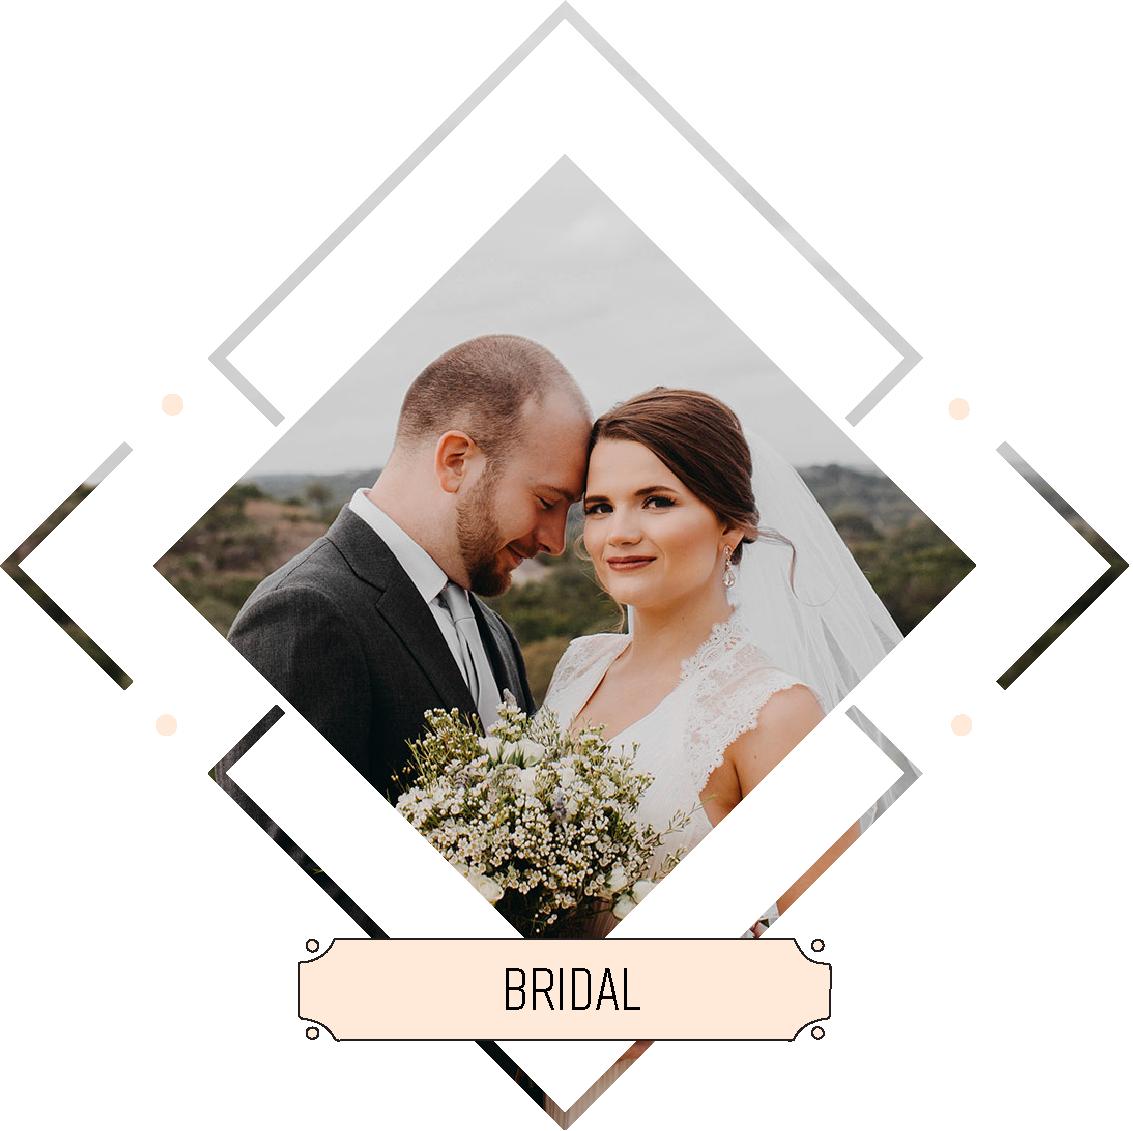 Bridal_Link-01.png